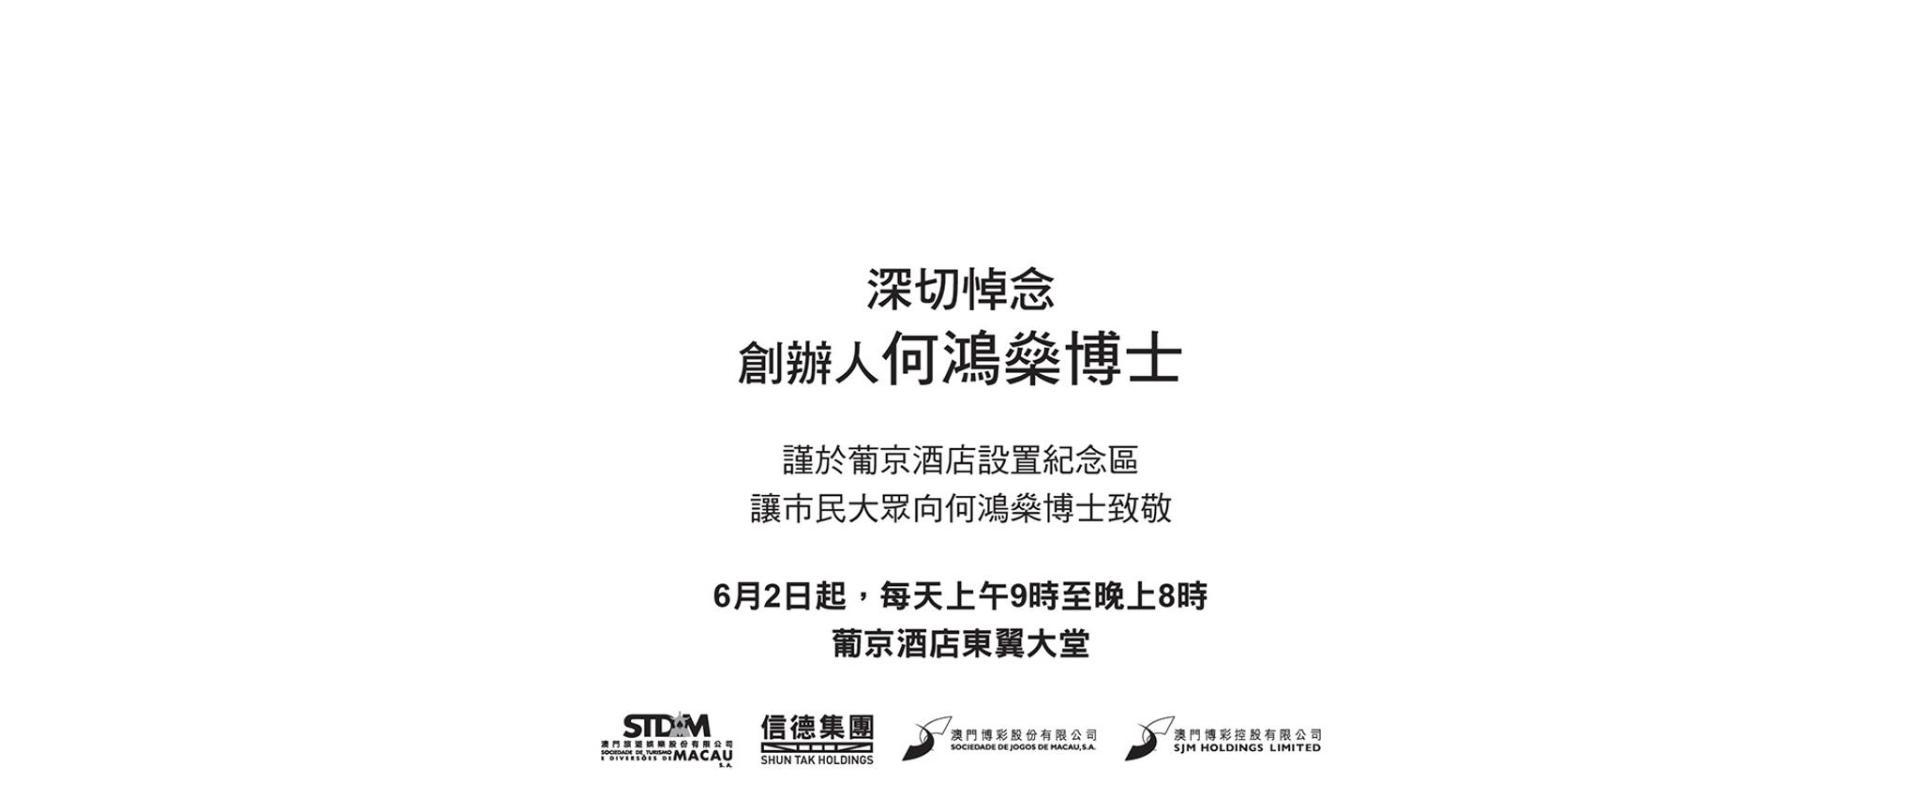 Dr. Ho Website Banner 1.jpg